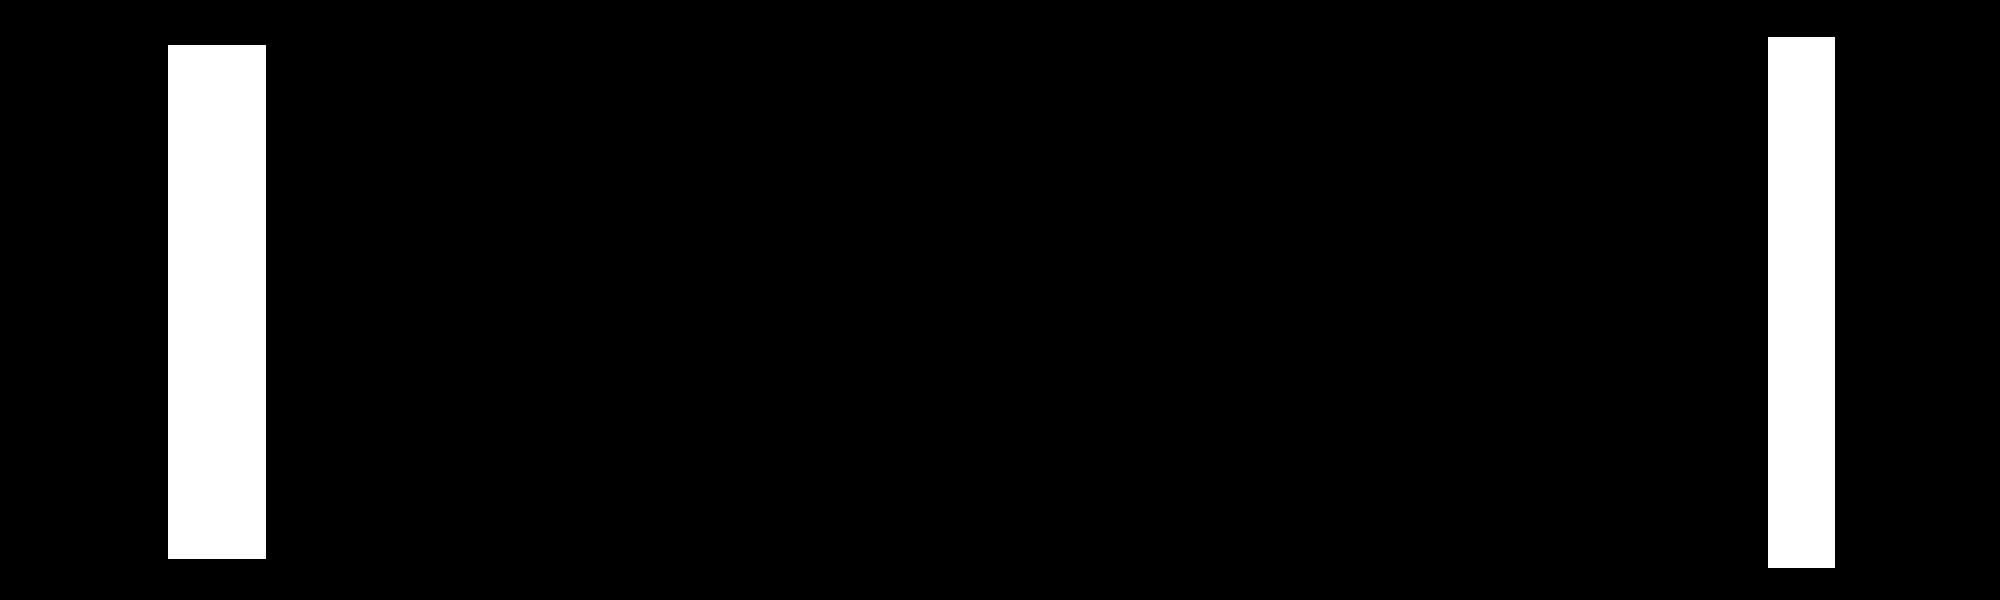 OneDrive-Logo.png